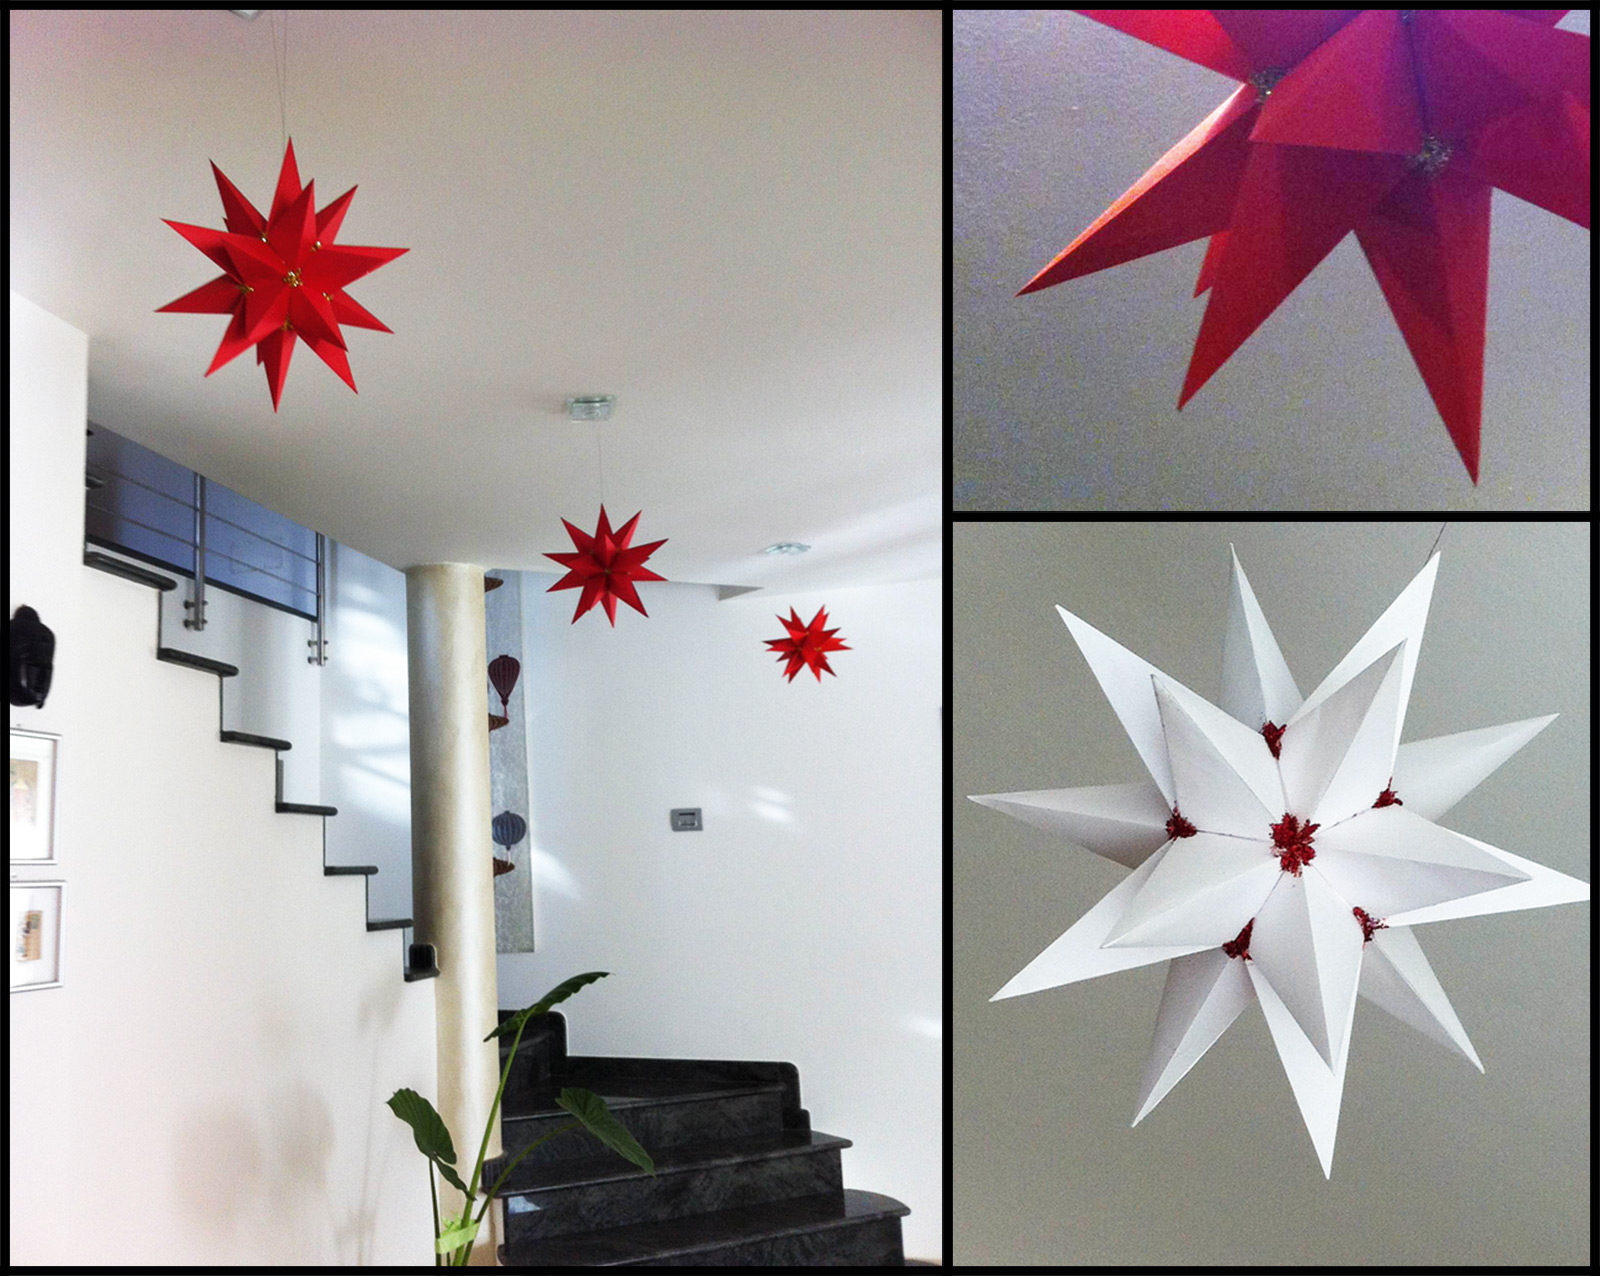 Conosciuto Stelle moderne a Natale e tutto l'anno - Architettura e design  YN22